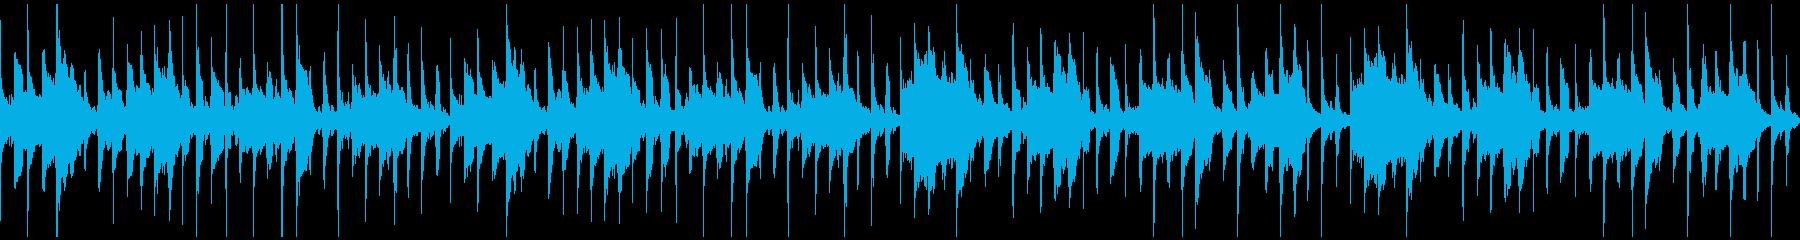 ほのぼの笛メロディのBGM(ループ)の再生済みの波形